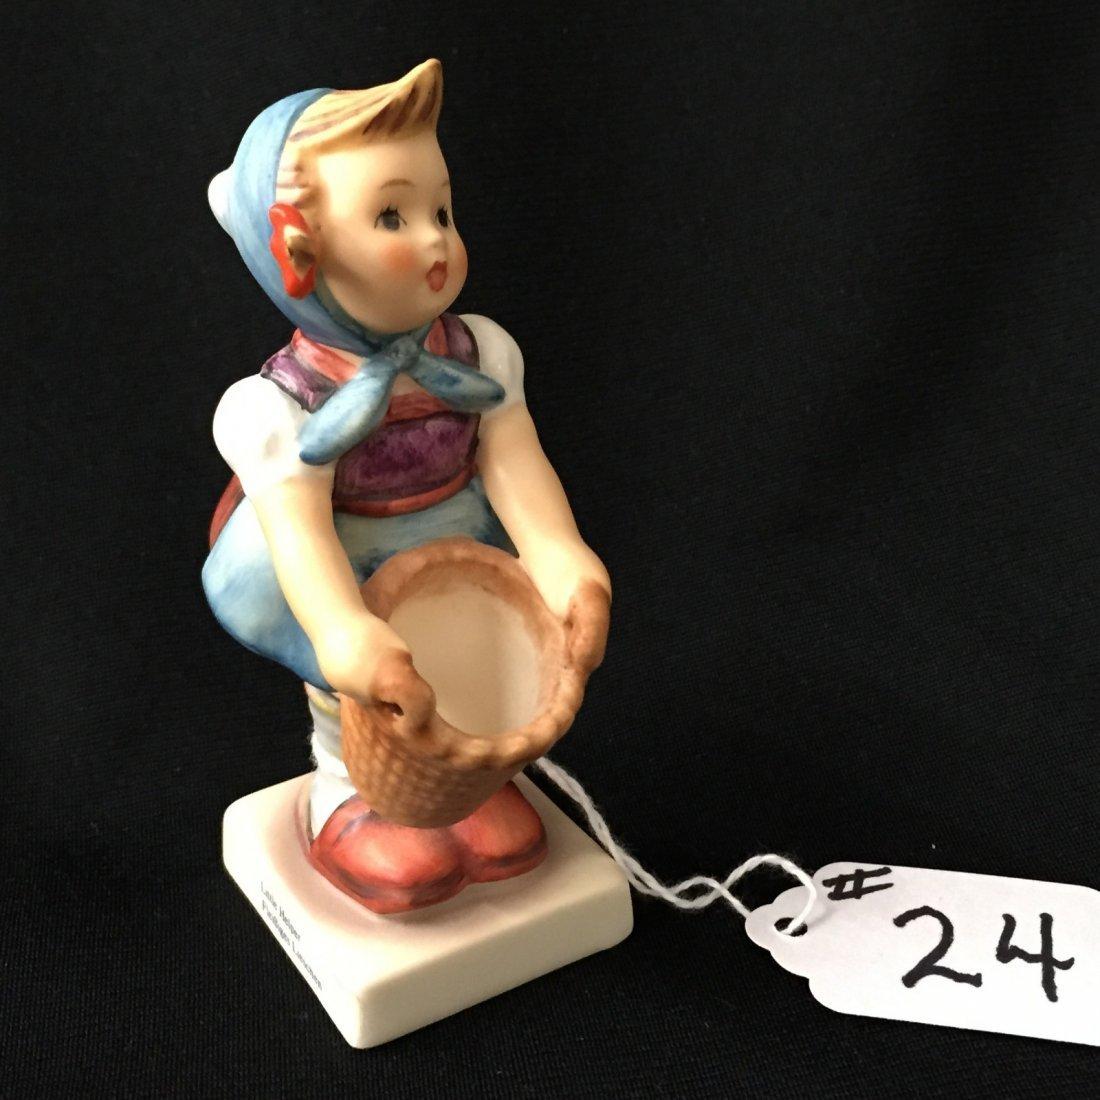 Hummel Figurine: Little Helper #73 TM 7. Book Value